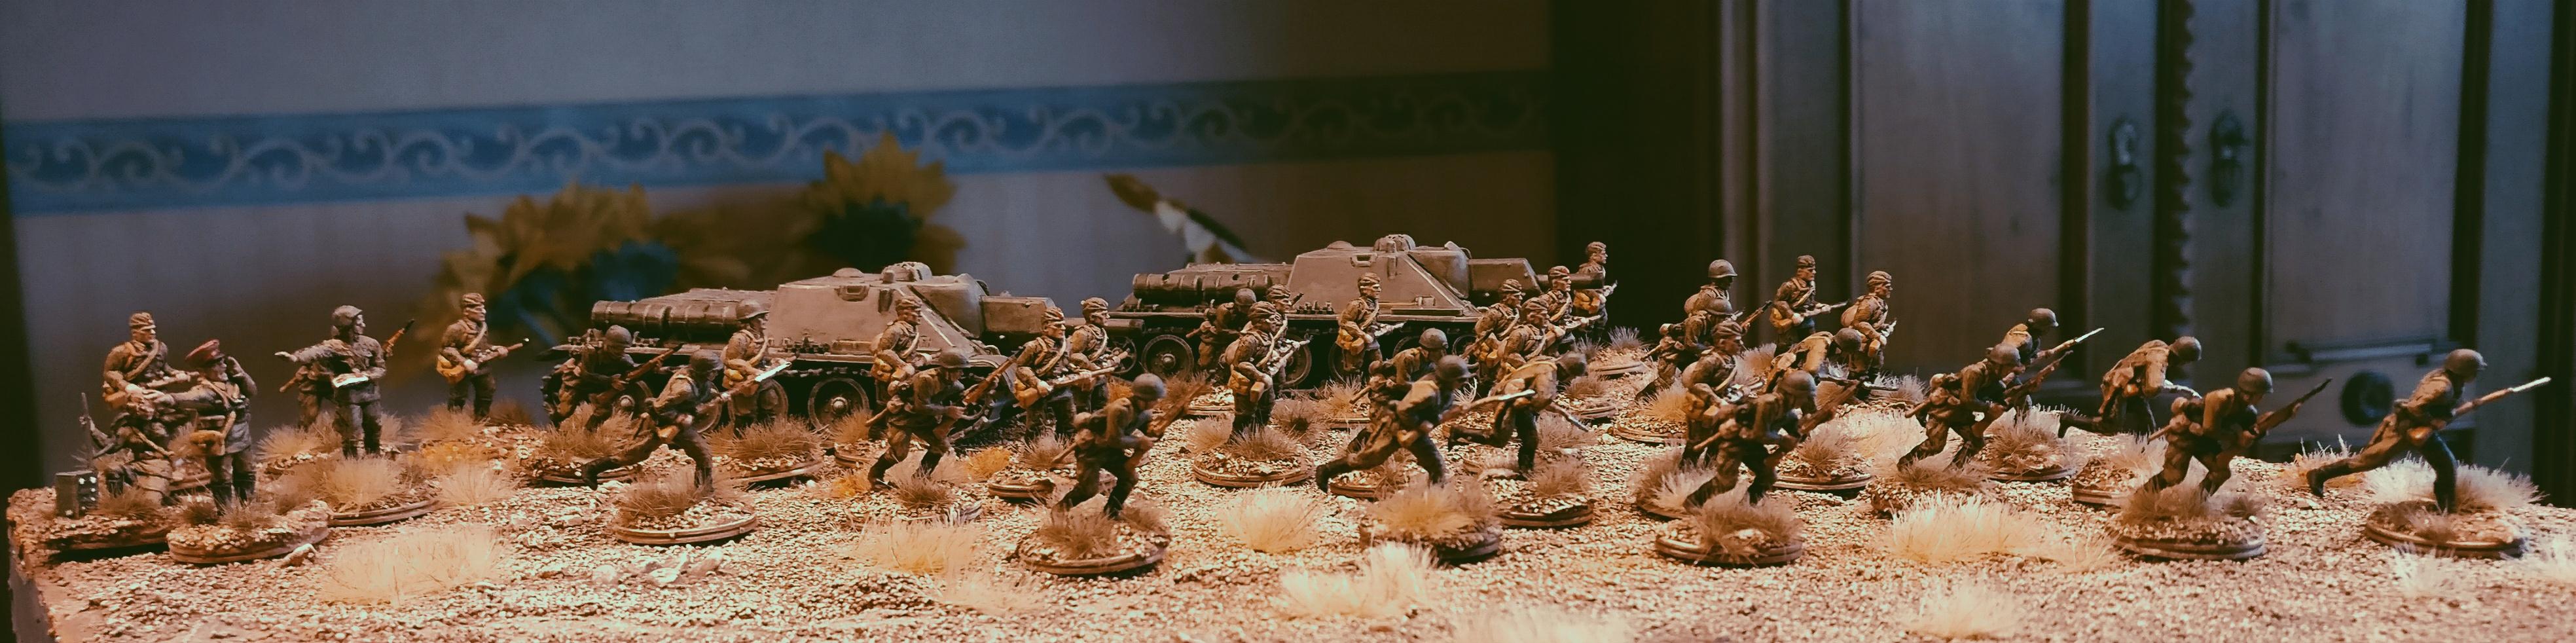 Hier stürmt es bereits ganz schön...  Die 30. Schützendivision greift an! Ein paar Schwarzkittel sind auch dabei.